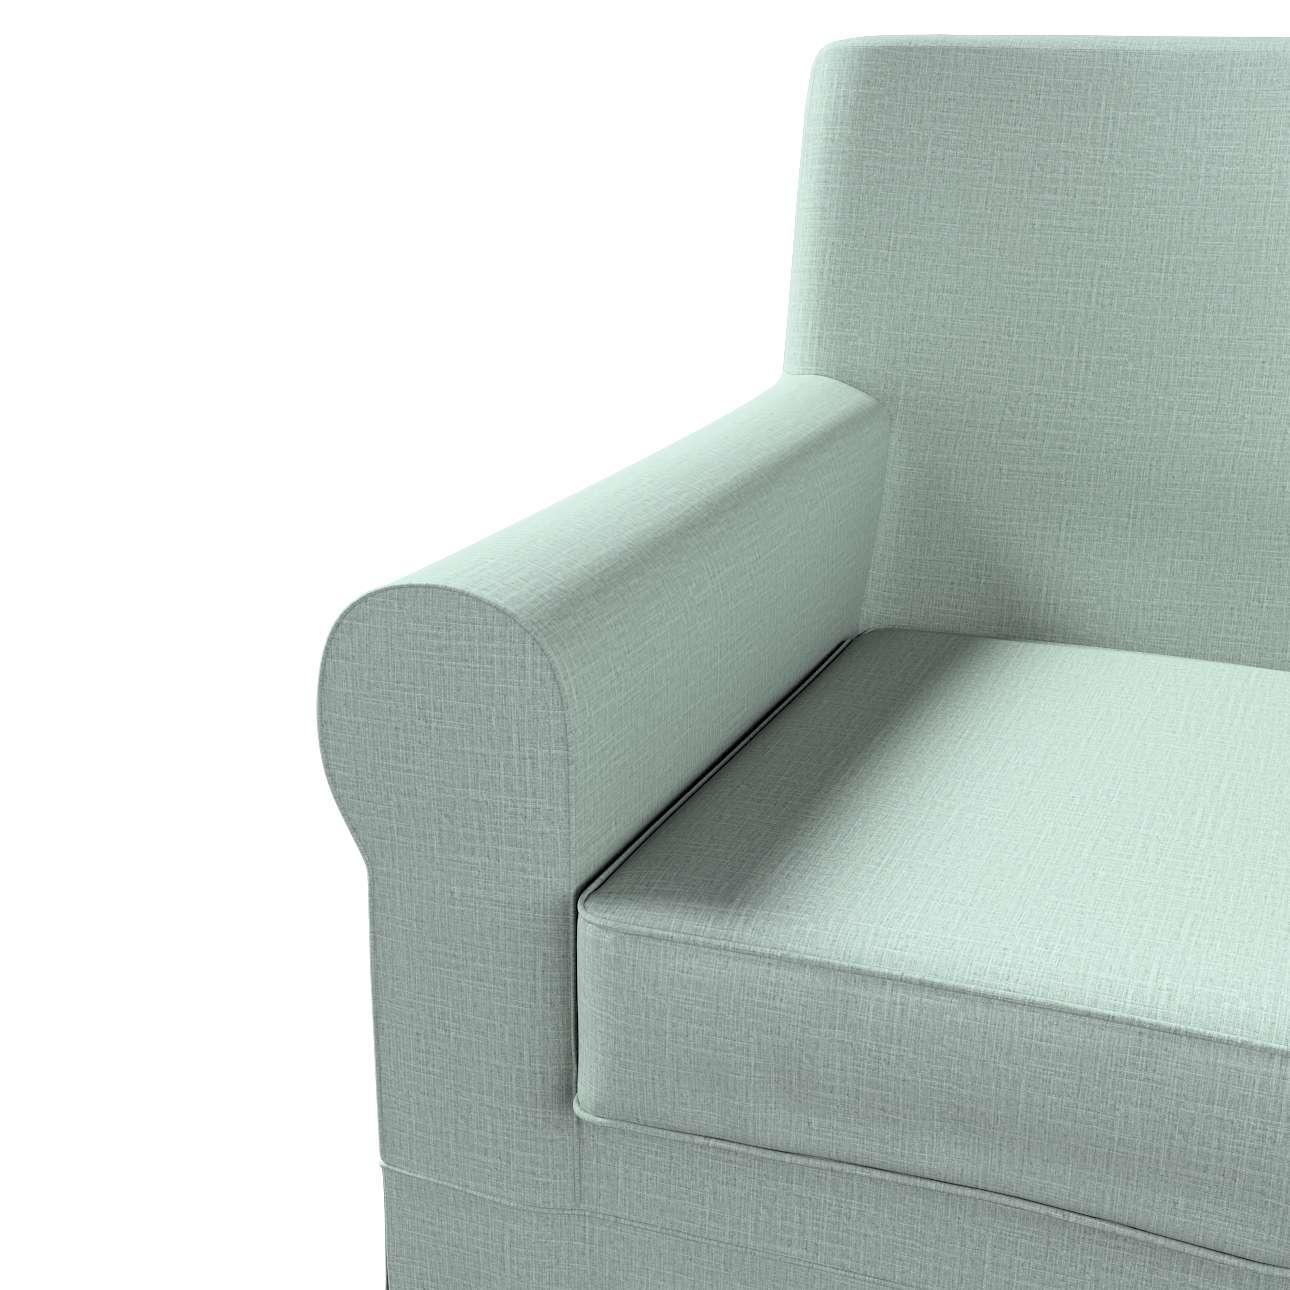 Pokrowiec na fotel Ektorp Jennylund w kolekcji Living II, tkanina: 160-86